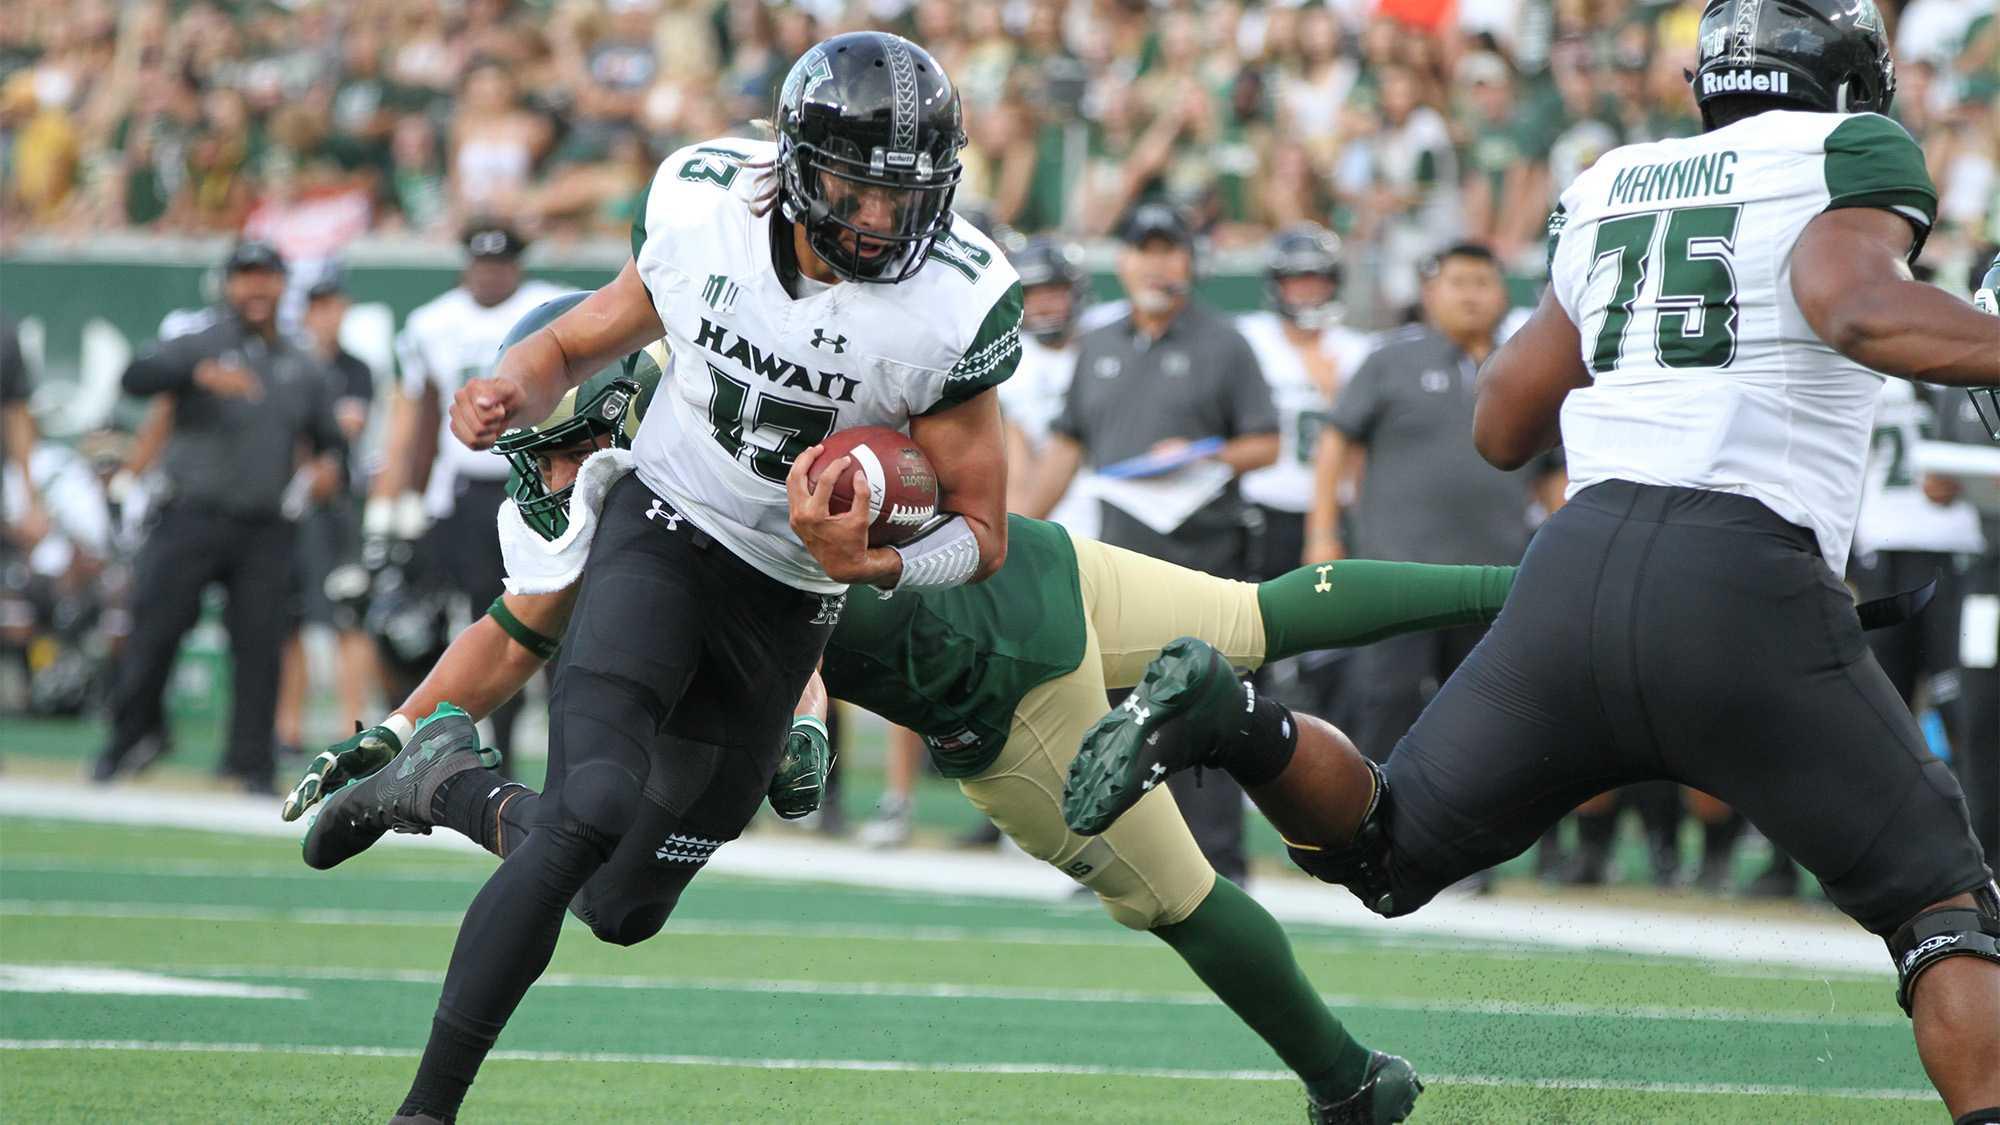 Week 5 College Football Top 10 Betting Picks